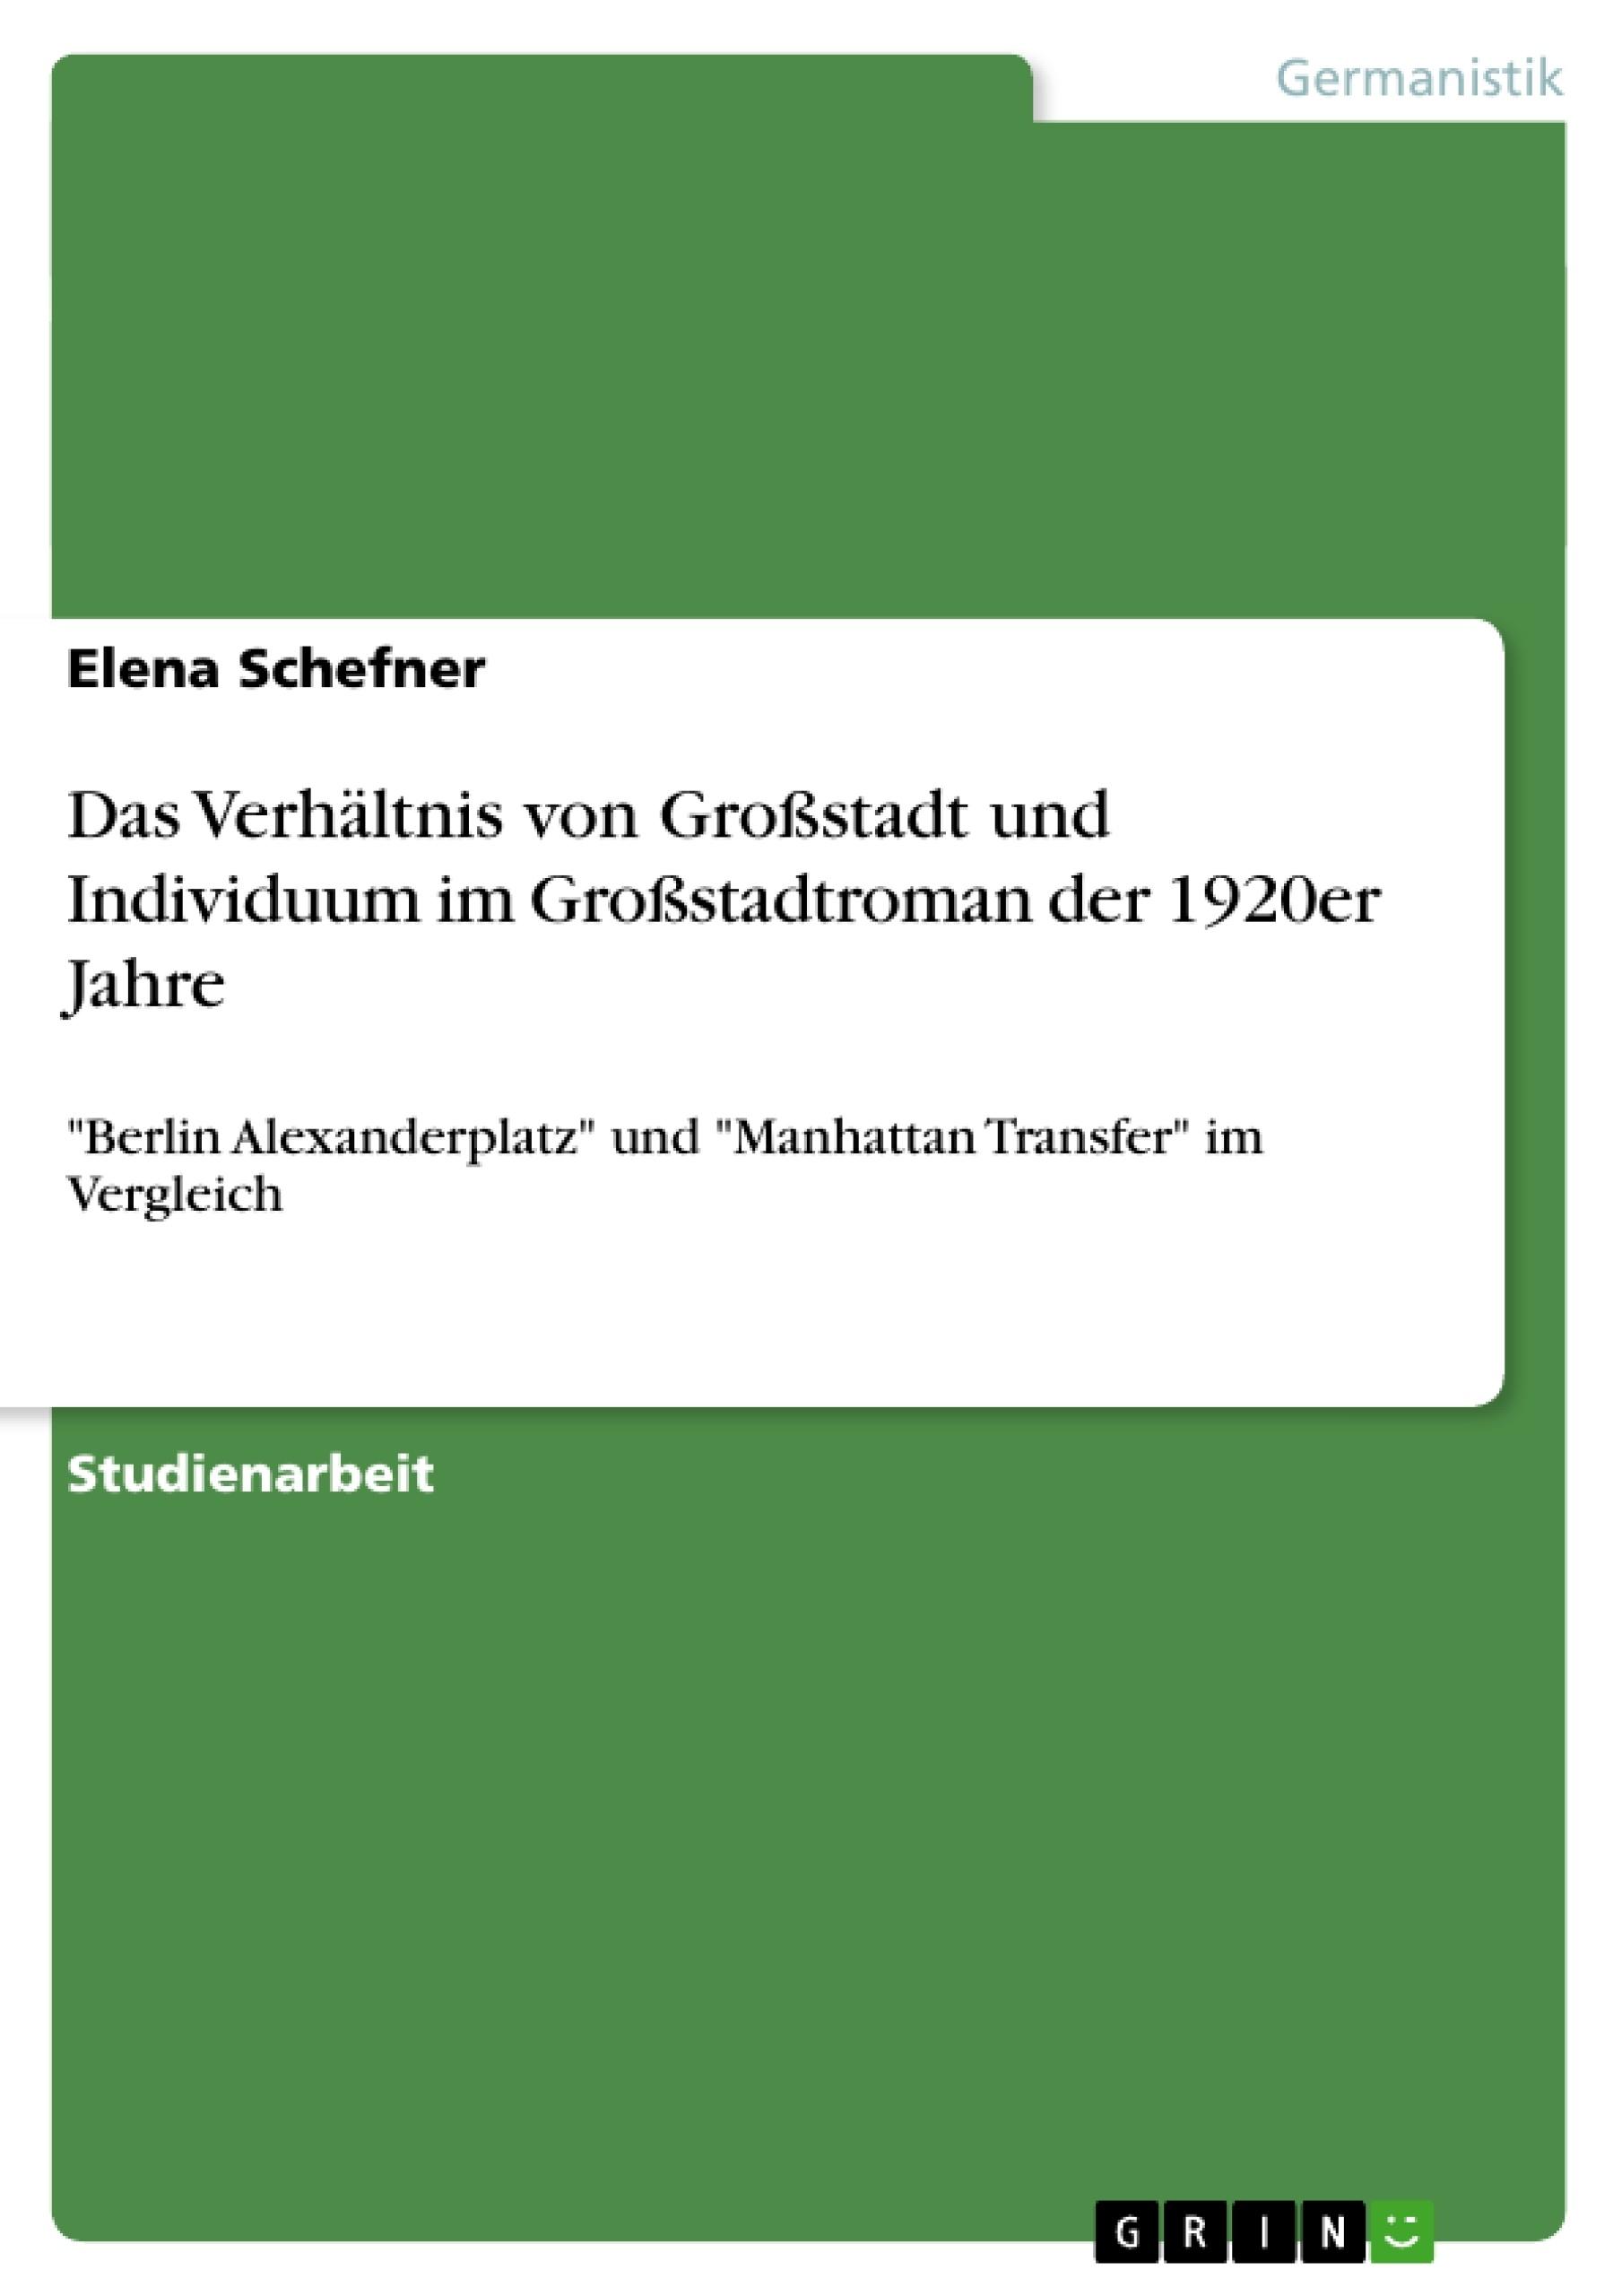 Titel: Das Verhältnis von Großstadt und Individuum im Großstadtroman der 1920er Jahre